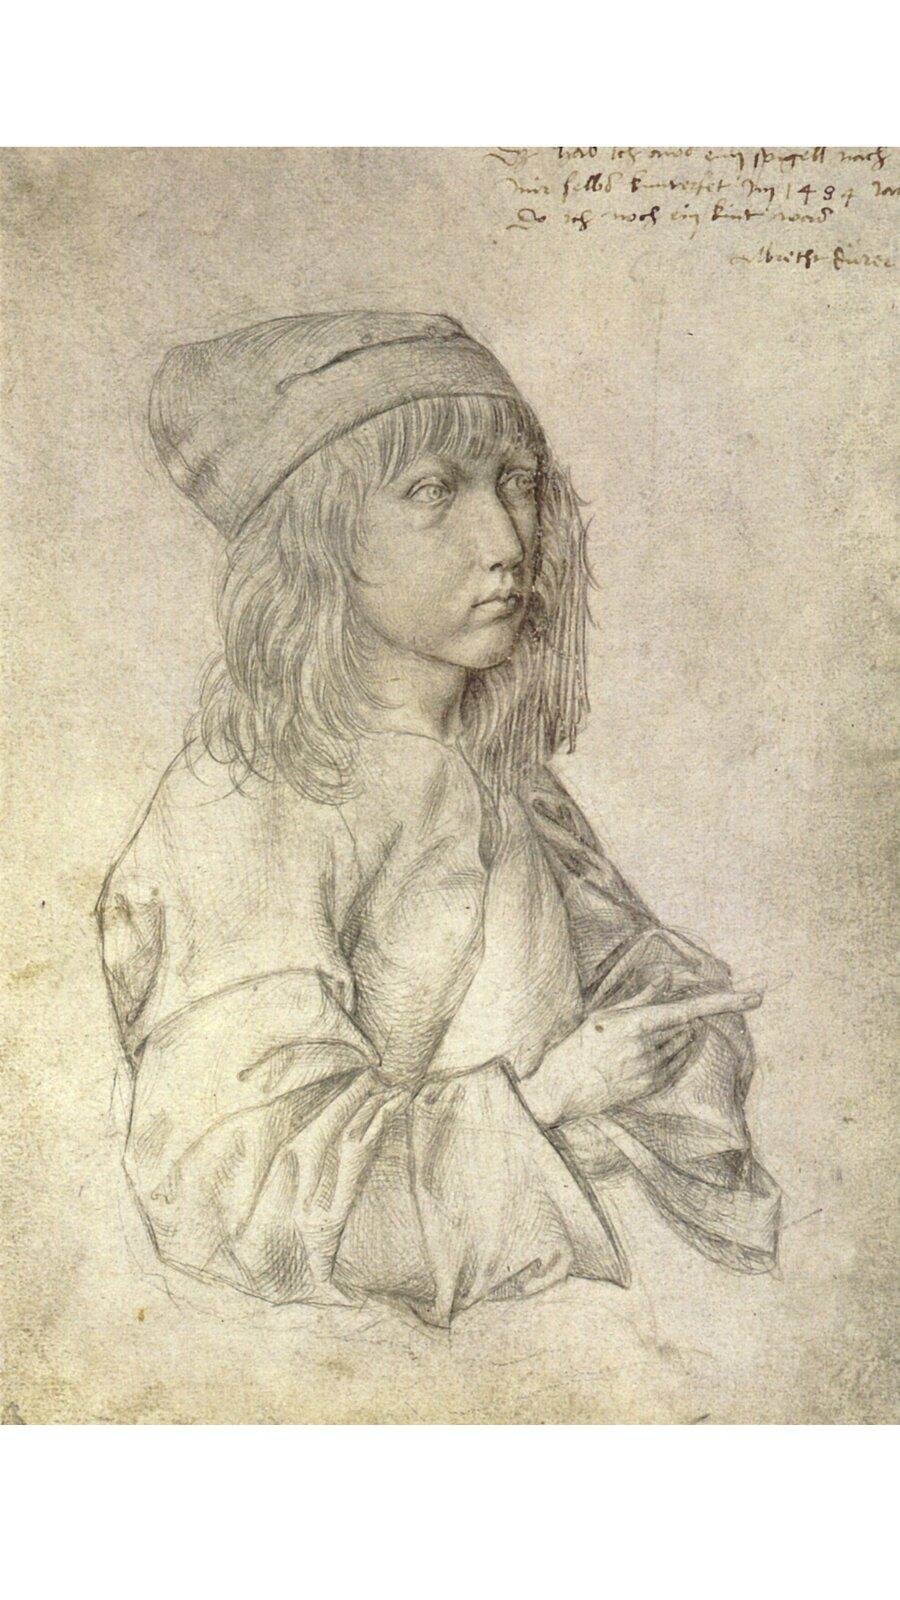 Rysunek przedstawia popiersie chłopca. Ma włosy do ramion. Prawą ręką wskazuje przed siebie.